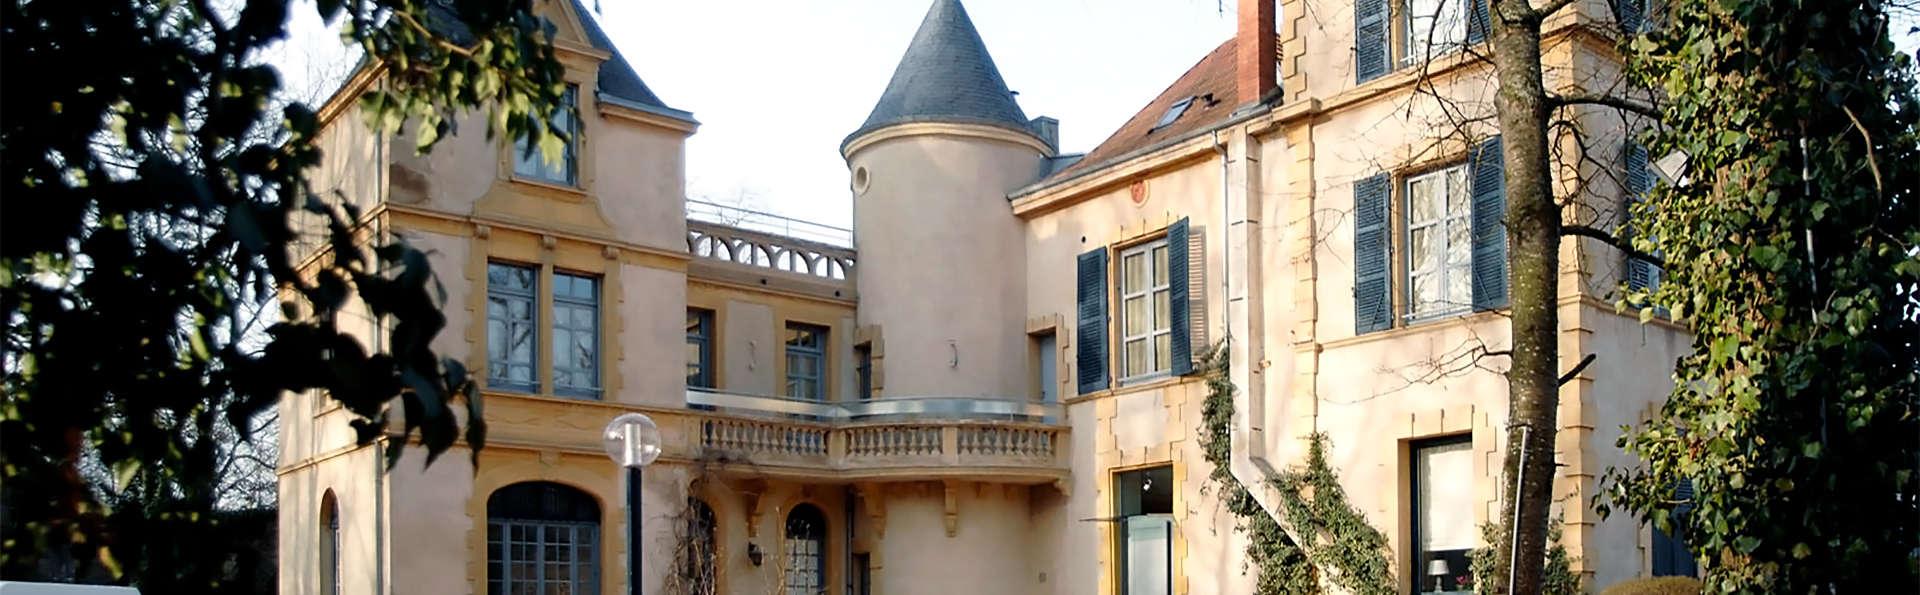 Week-end détente & spa dans un château du Roannais